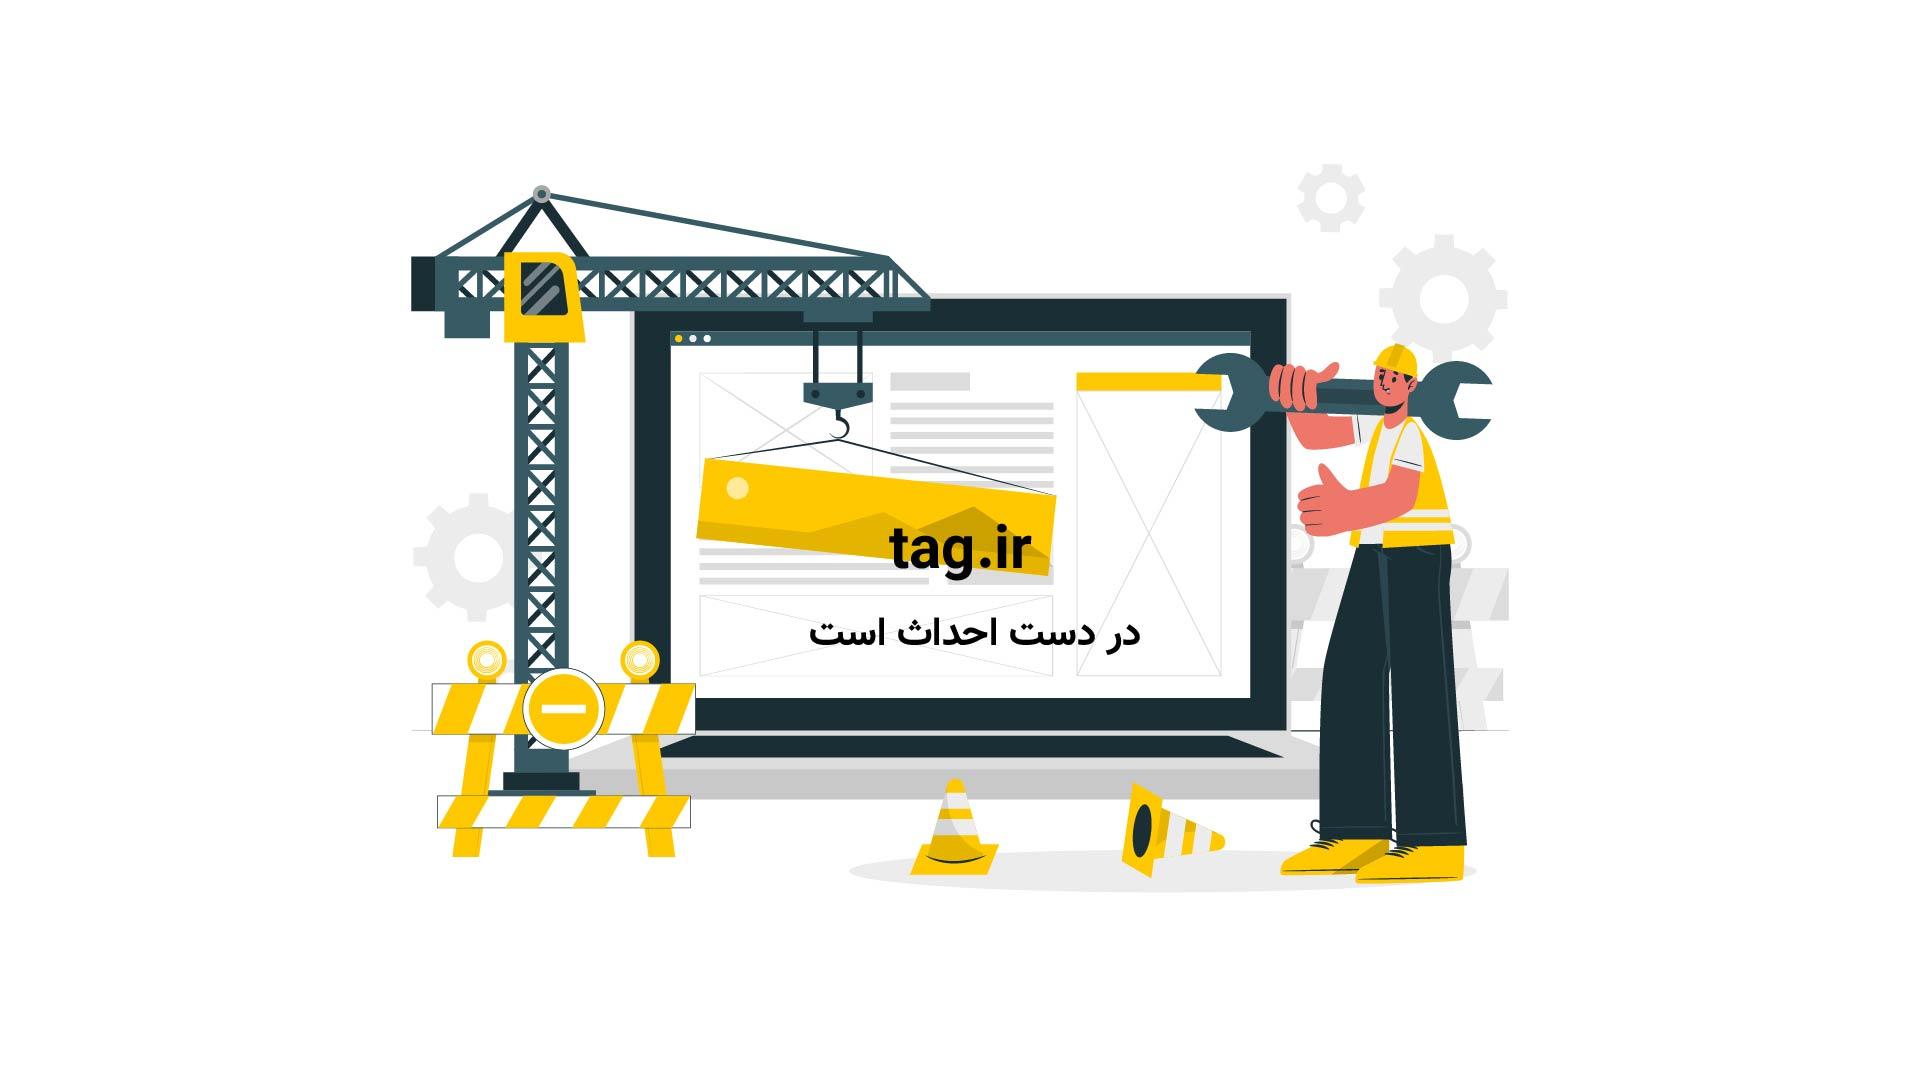 حمله گرگ به گله بزهای کوهی | فیلم